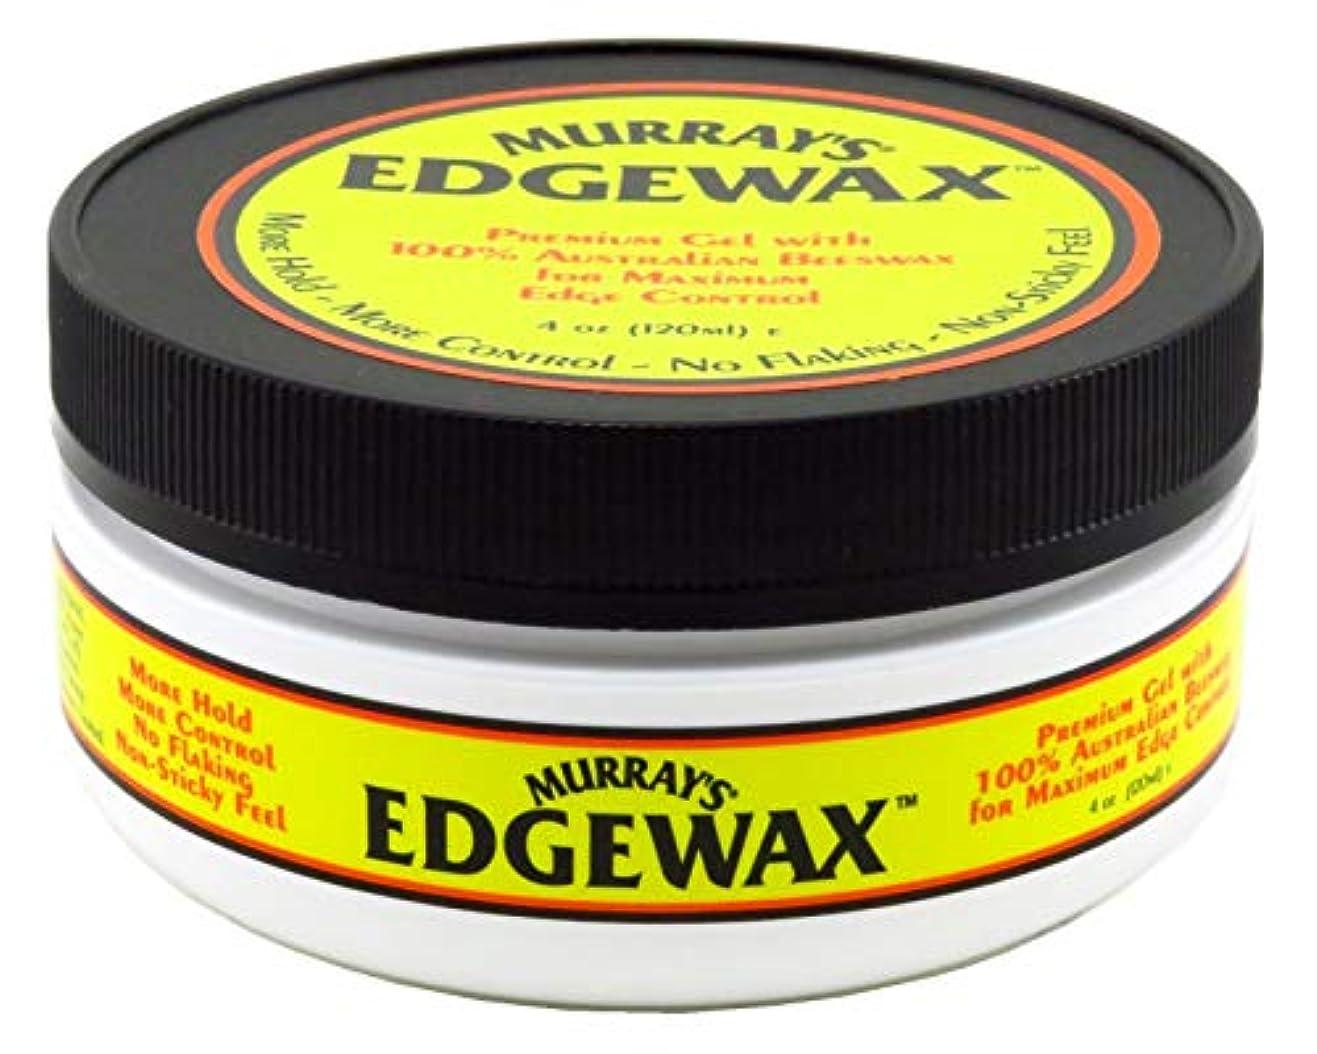 サイクロプスモート霜Murrays マレー'S Edgewax 100%オーストラリア蜜蝋、3パック